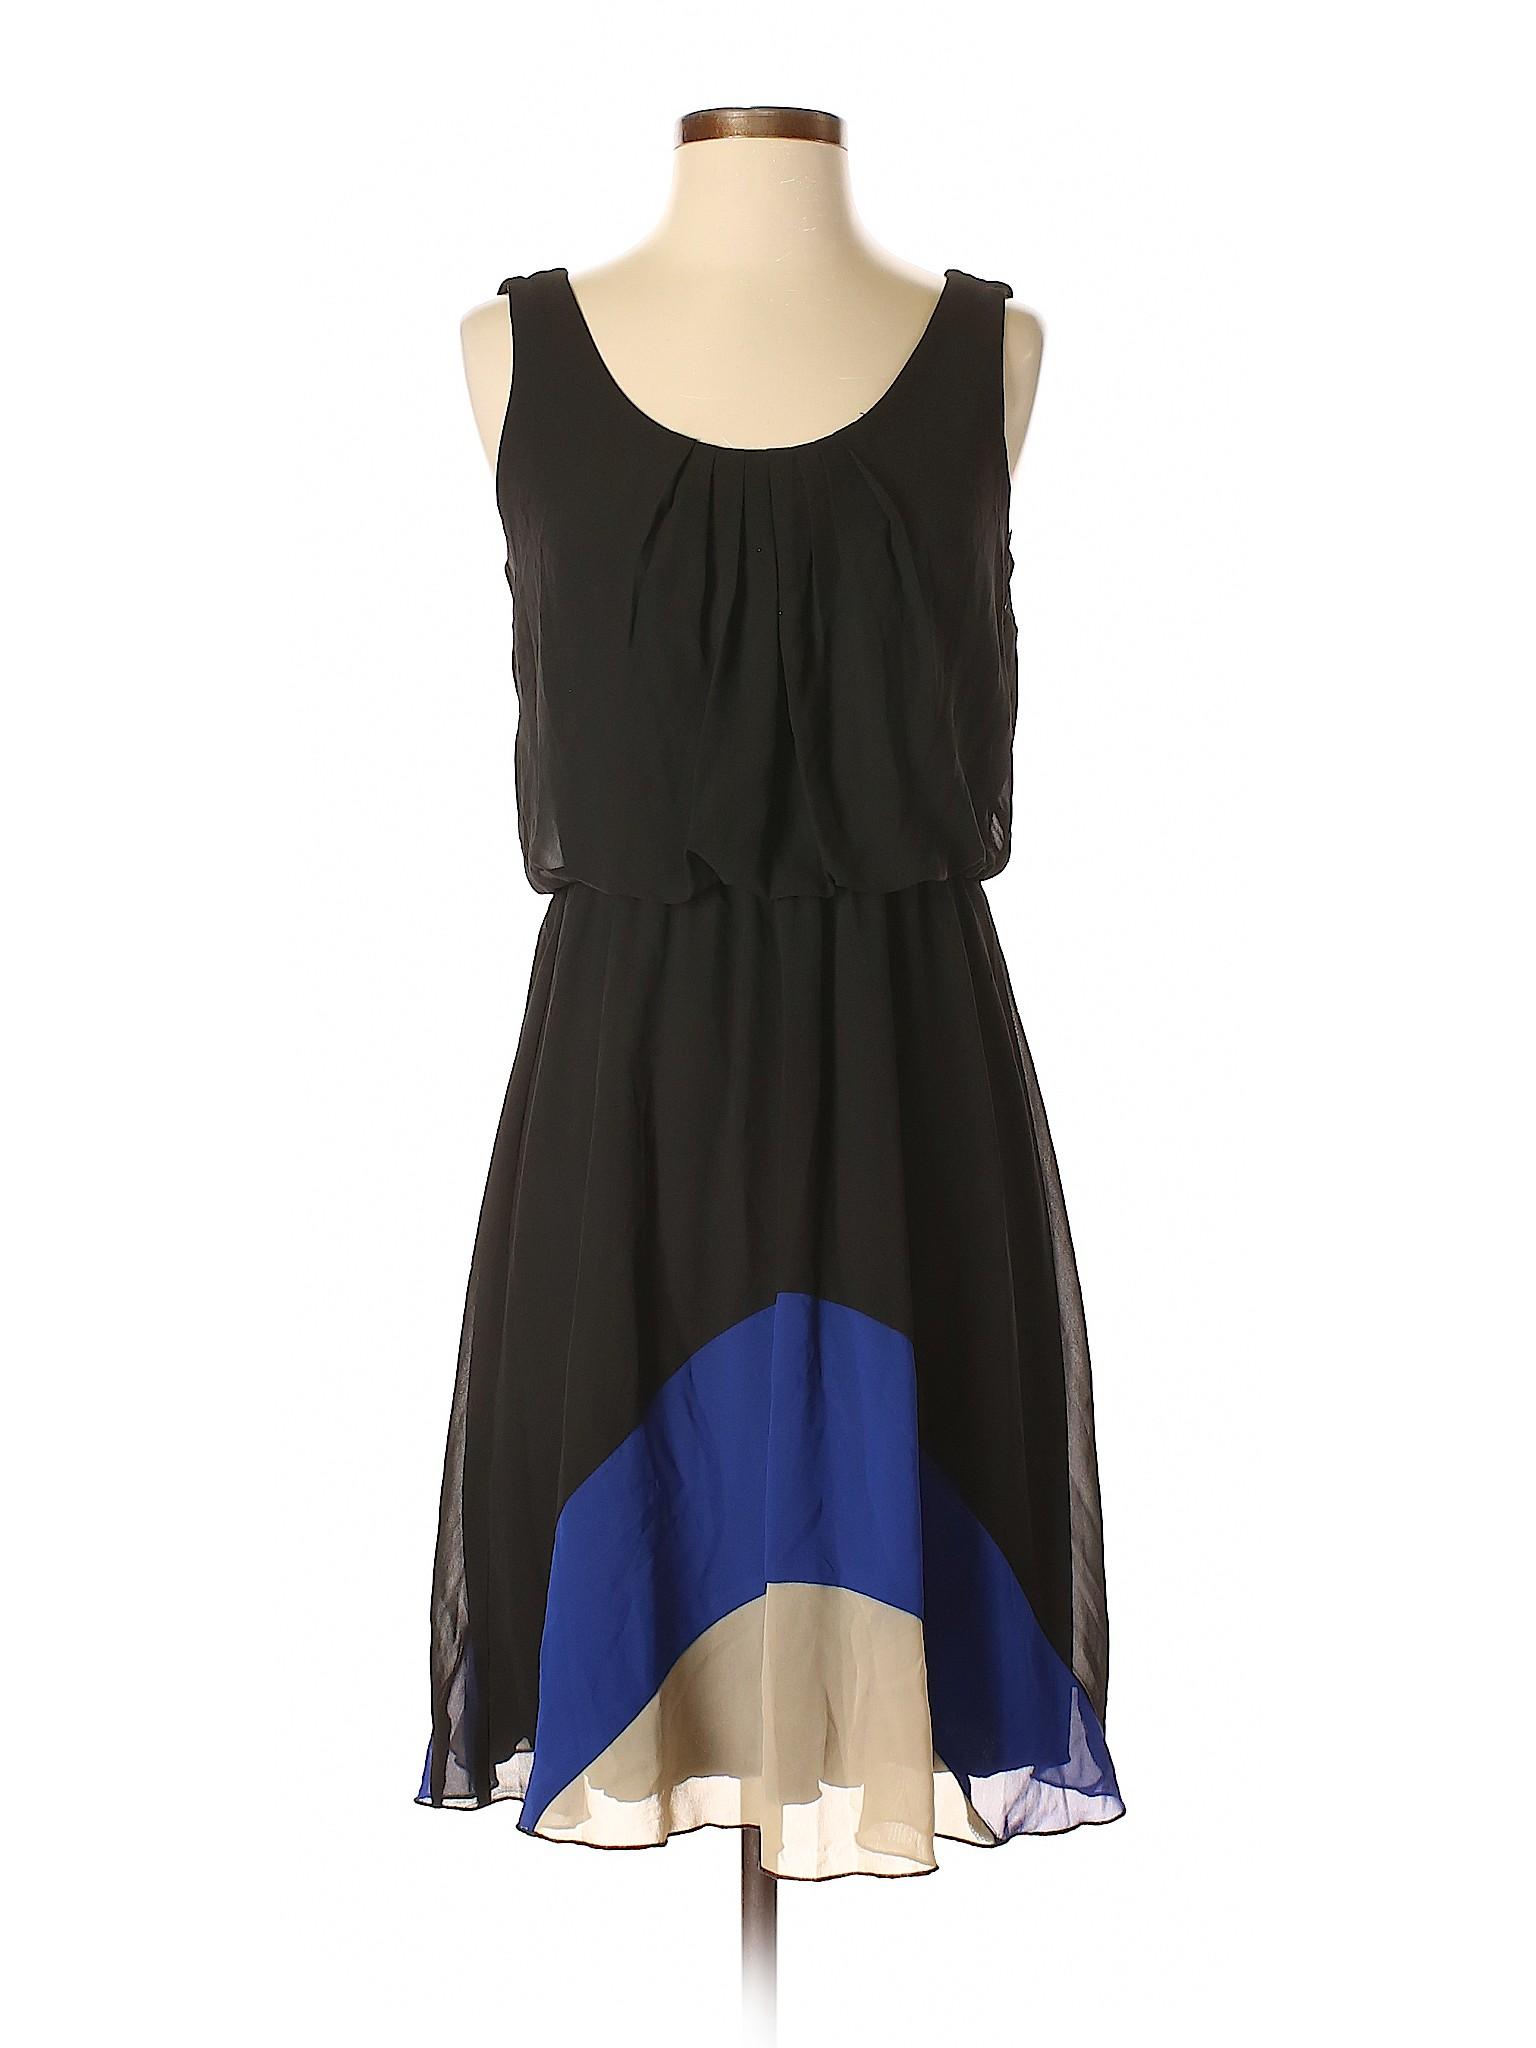 Boutique En Focus Winter Studio Dress Casual YYUSWp